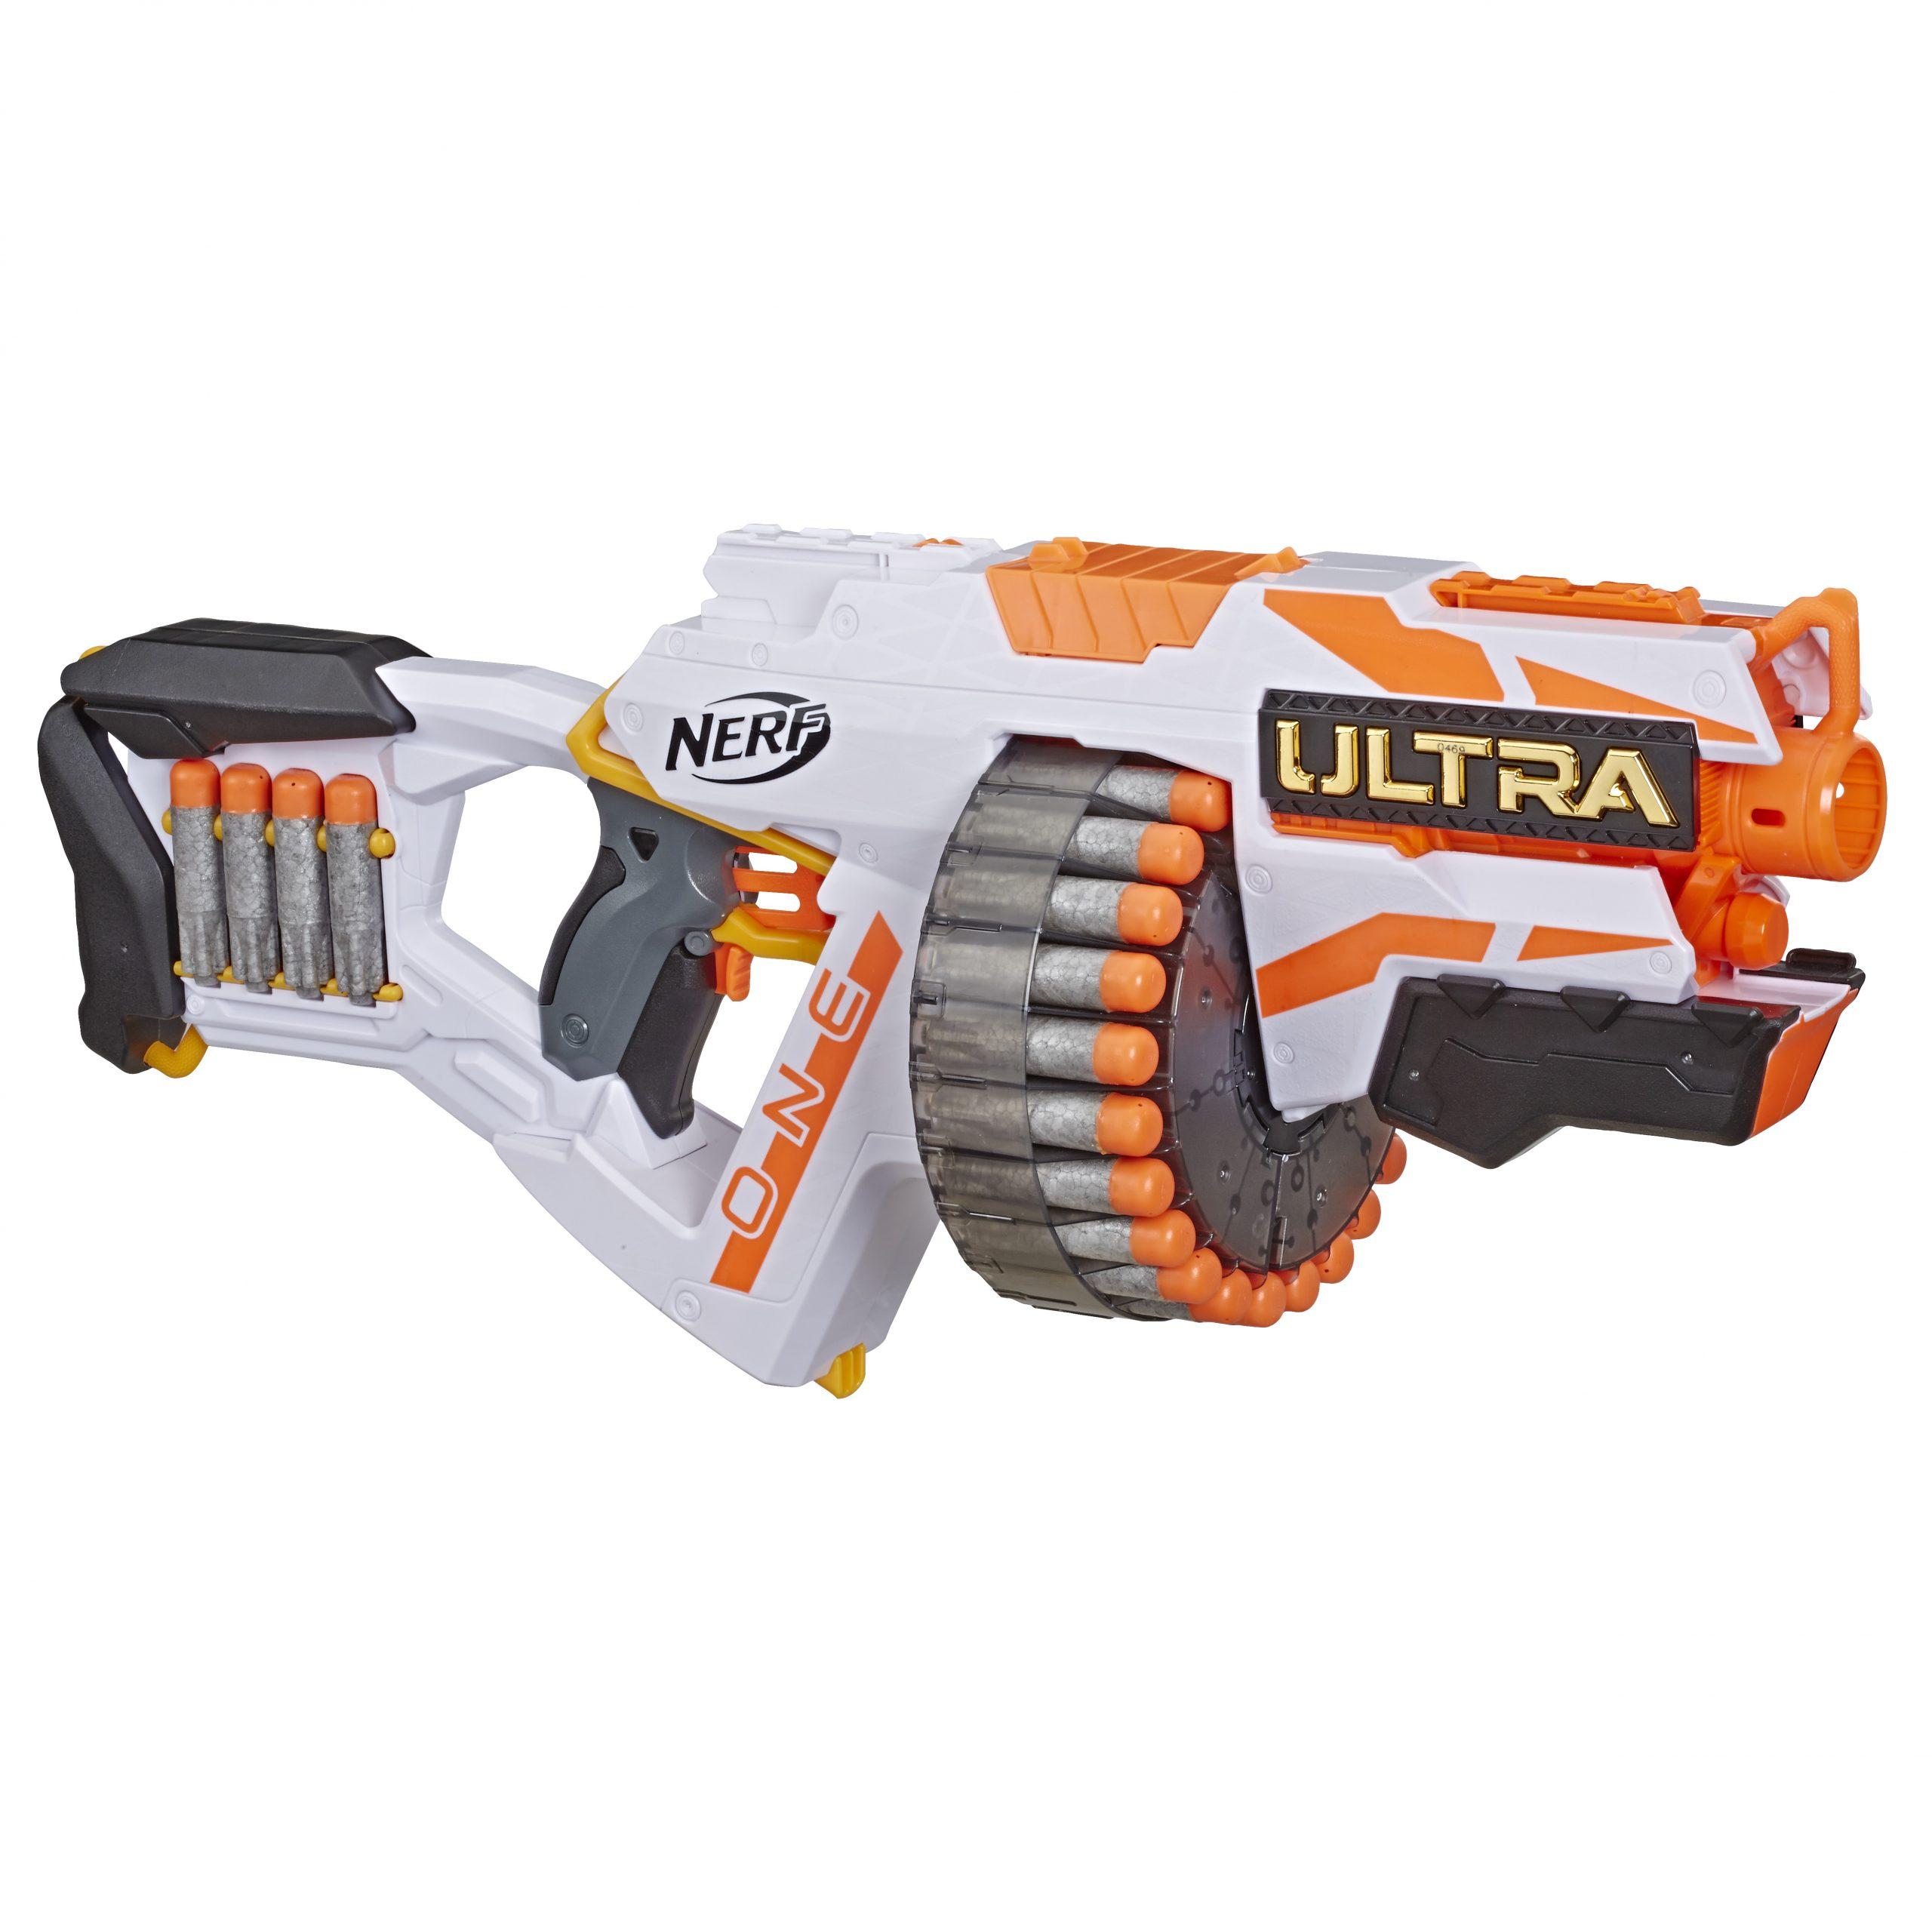 Nerf Ultra One bắn xa hơn bao giờ hết – nhưng vẫn tồn tại nhược điểm!